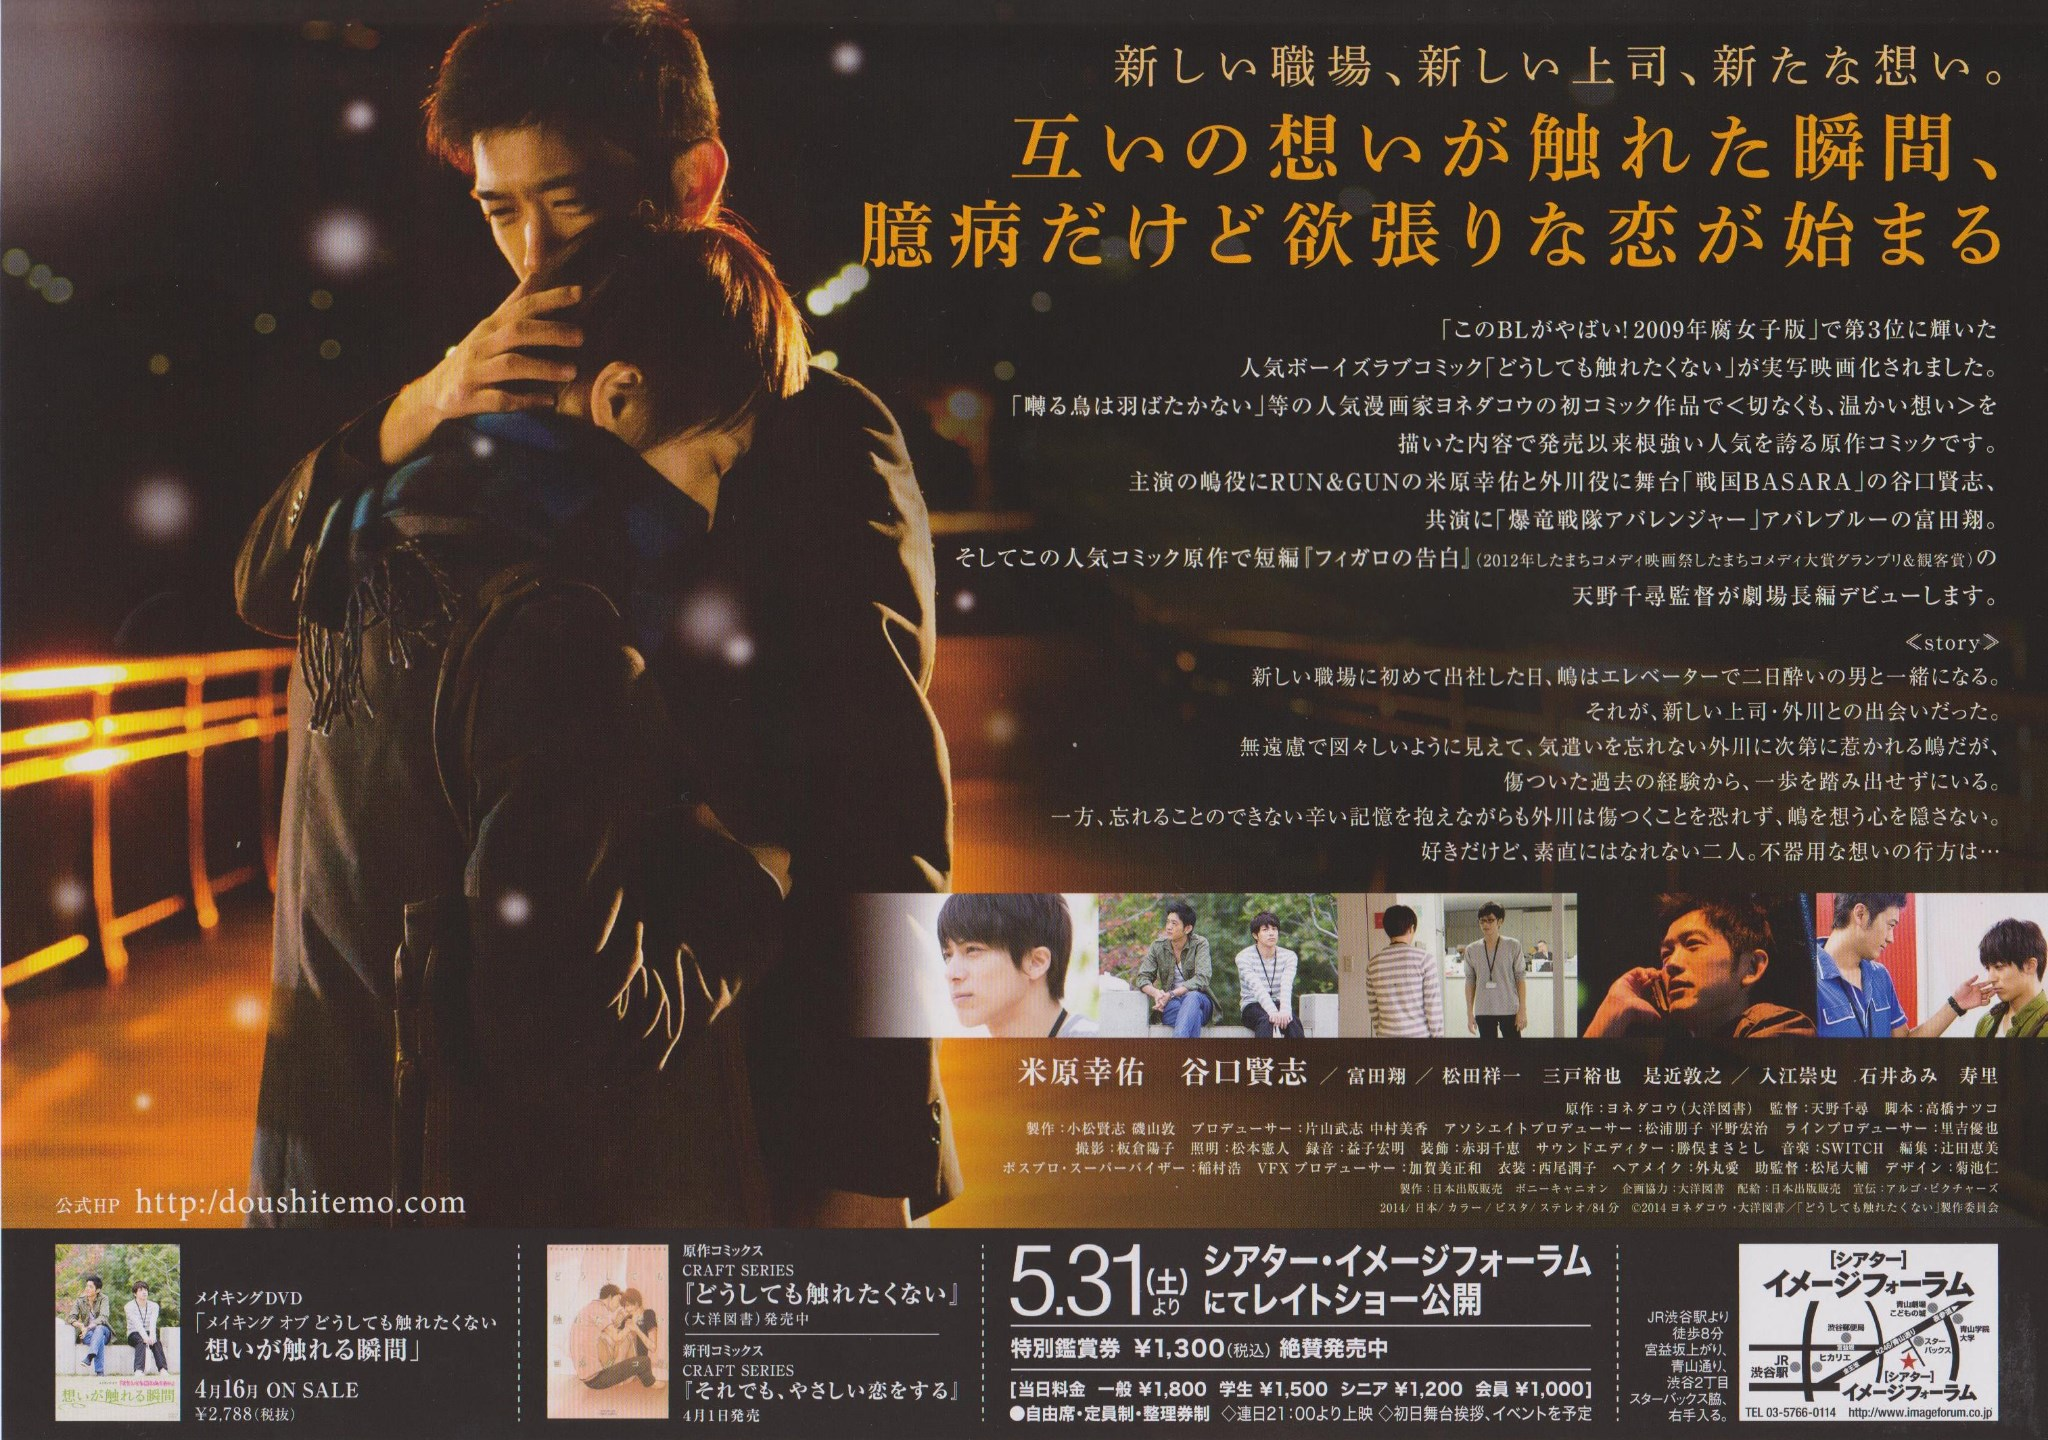 Doushitemo Furetakunai 05